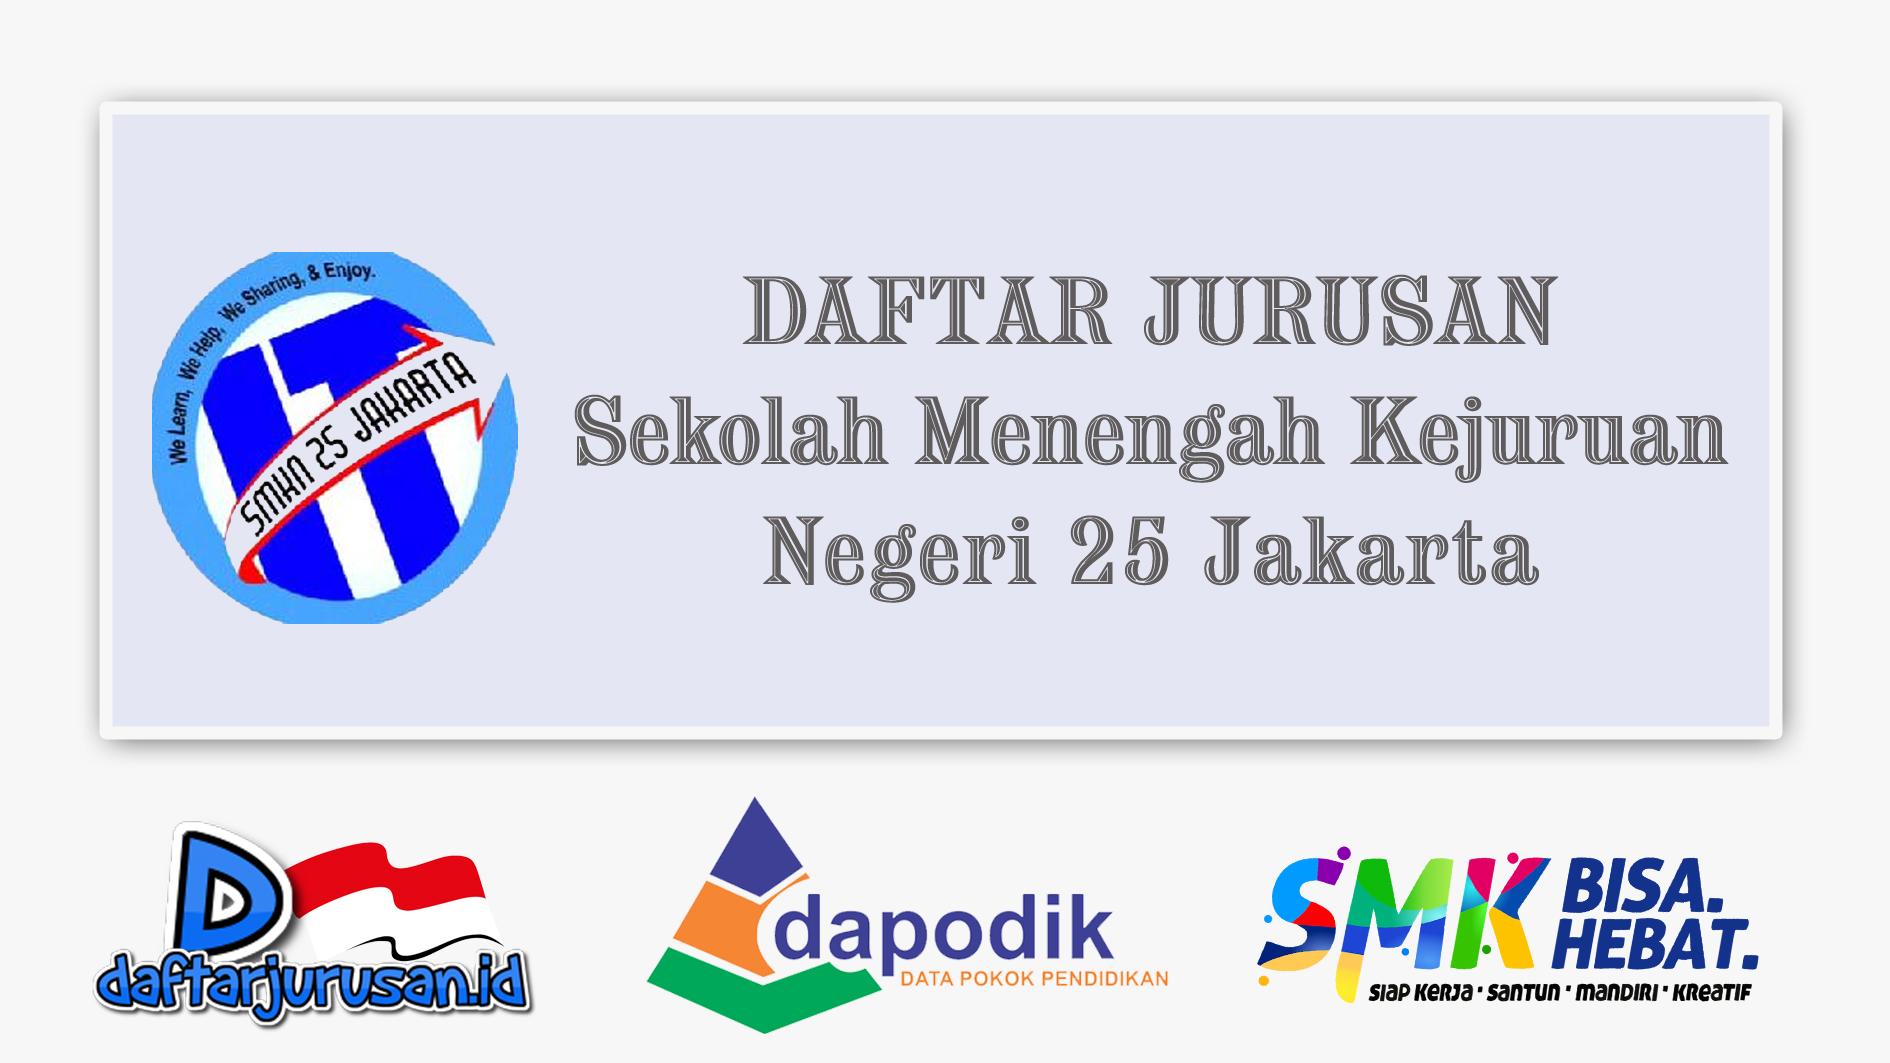 Daftar Jurusan SMK Negeri 25 Jakarta Selatan